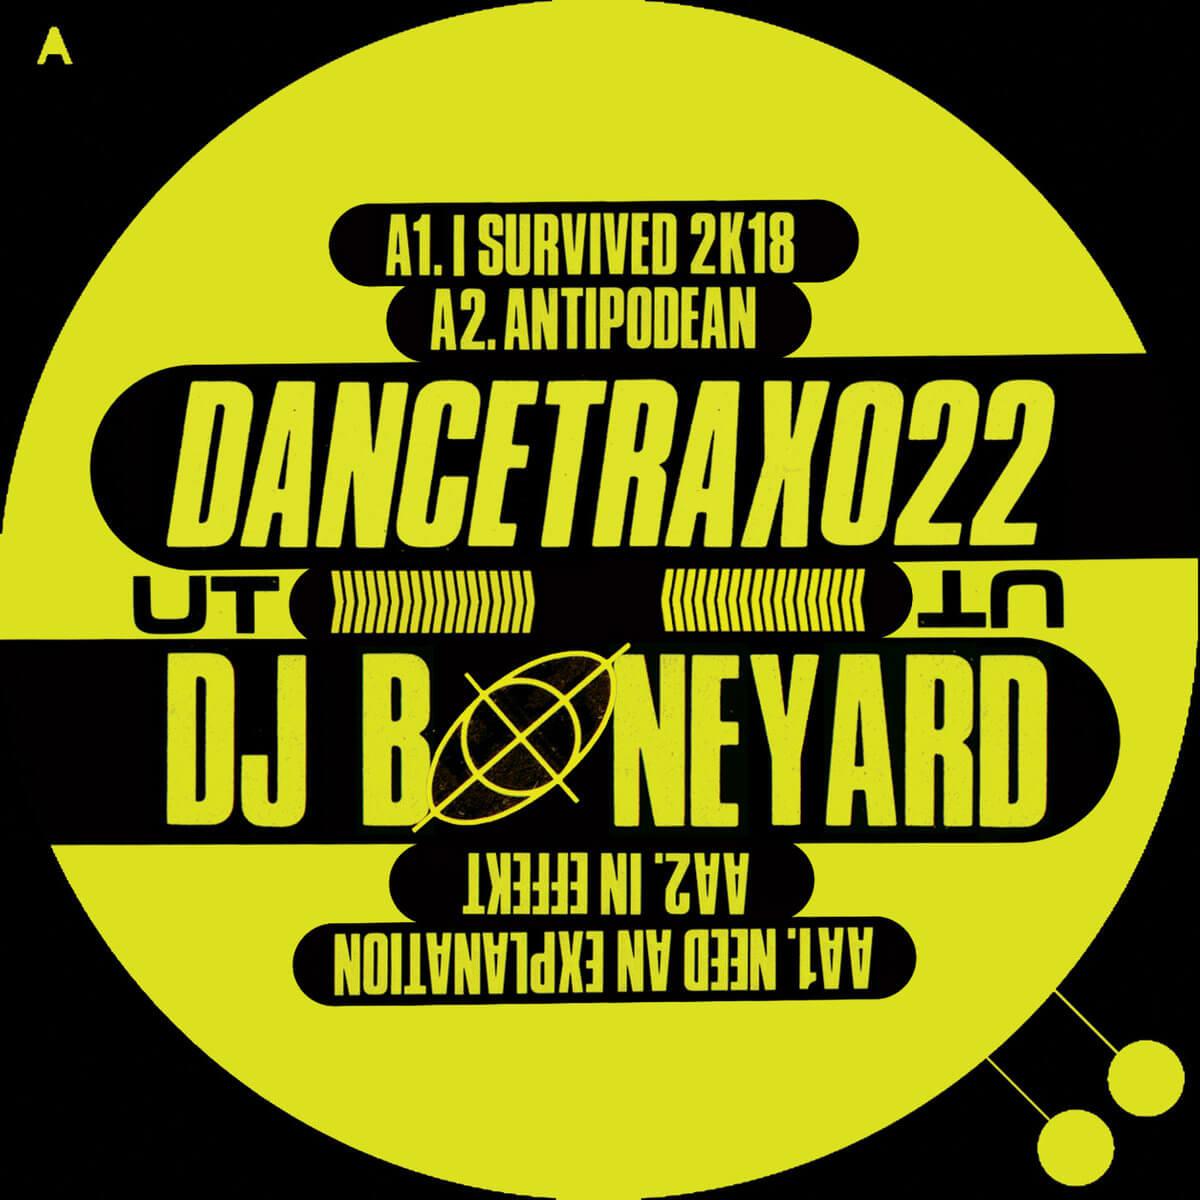 Dance Trax Vol.22 by DJ Boneyard (DJ Boneyard - Dance Trax Vol.22) 1